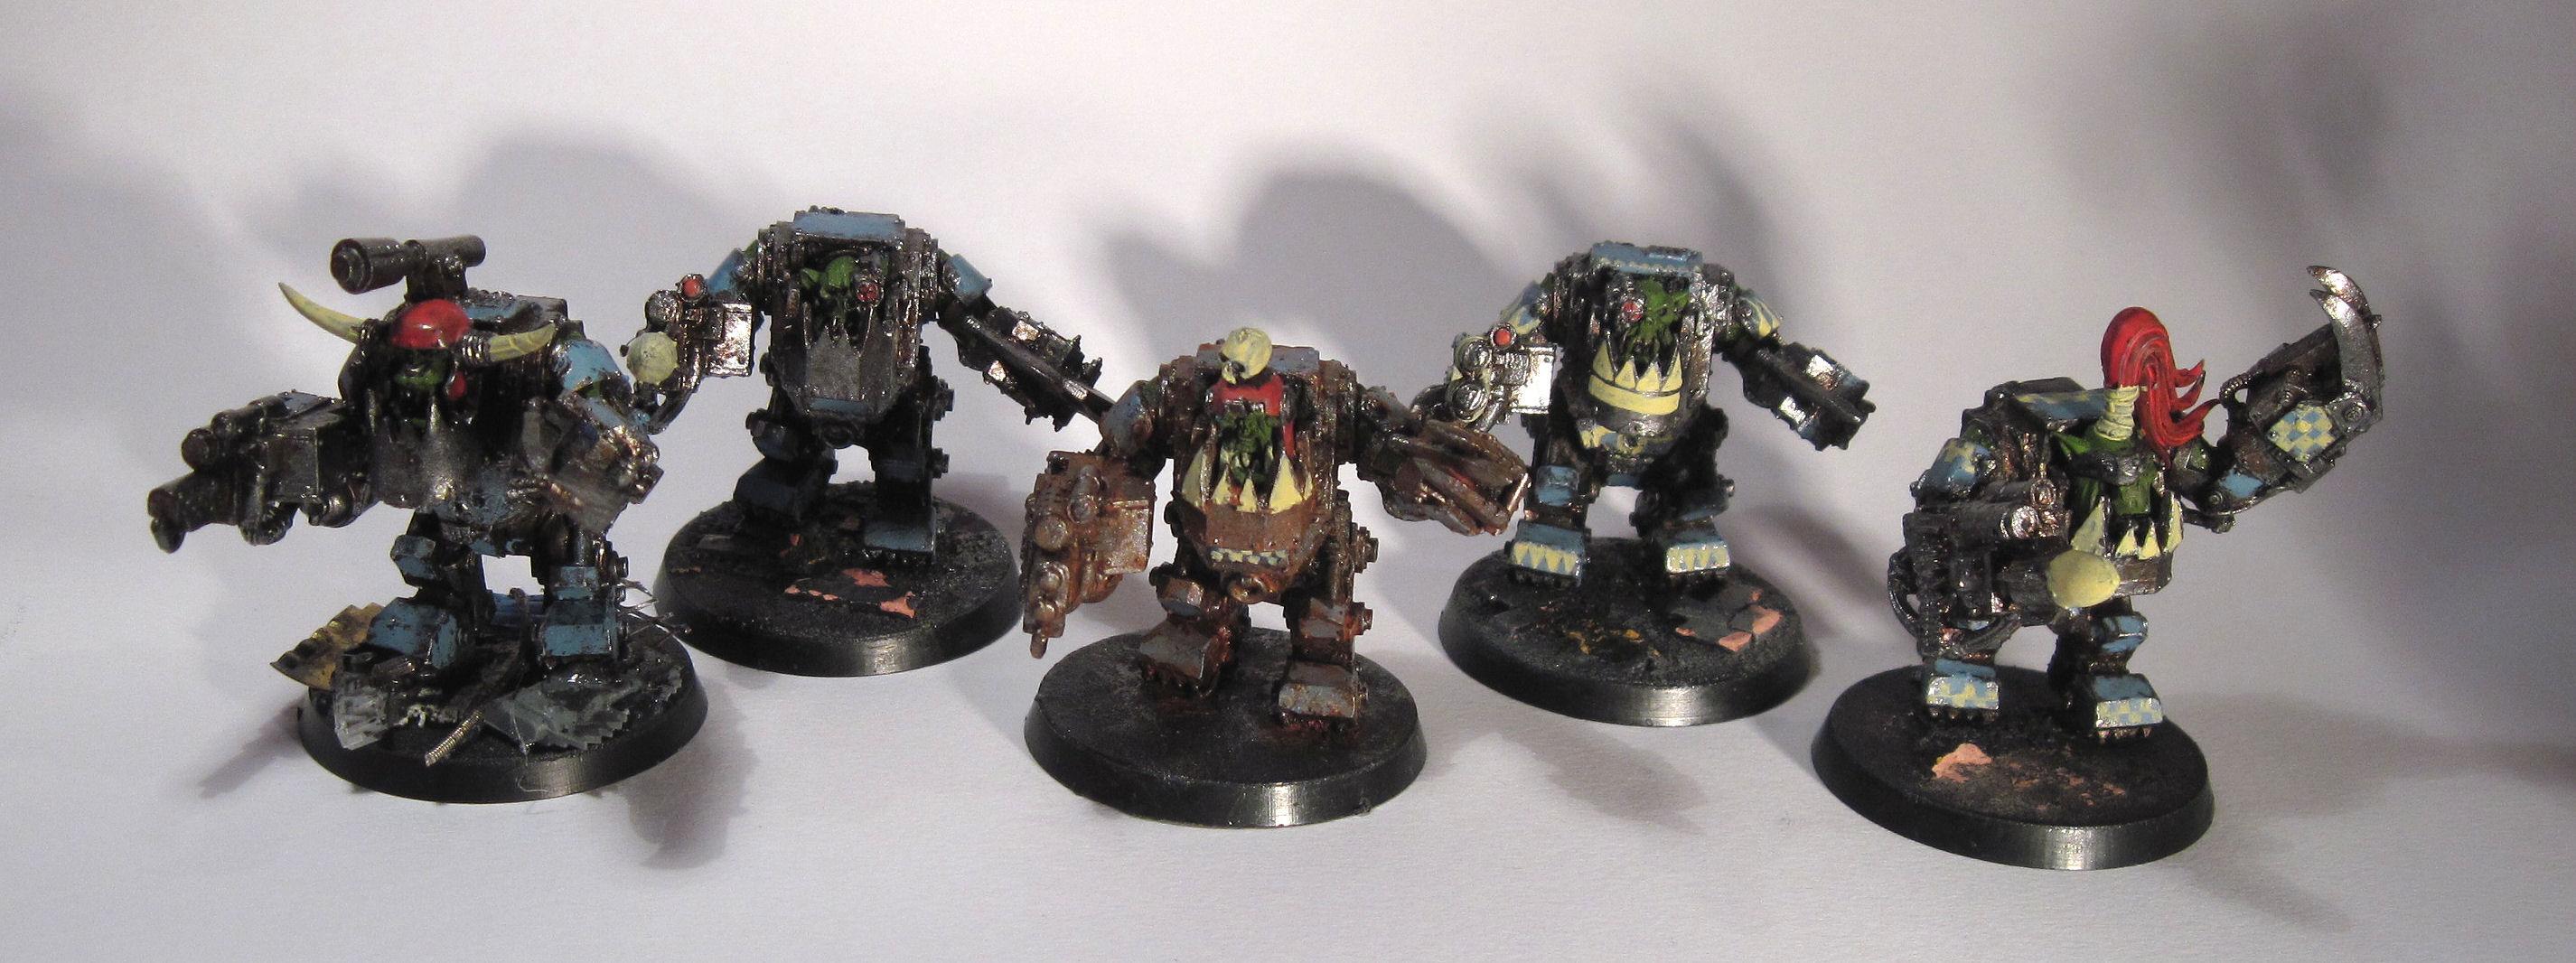 Deathskulls, Mega-armour, Meganob, Orks